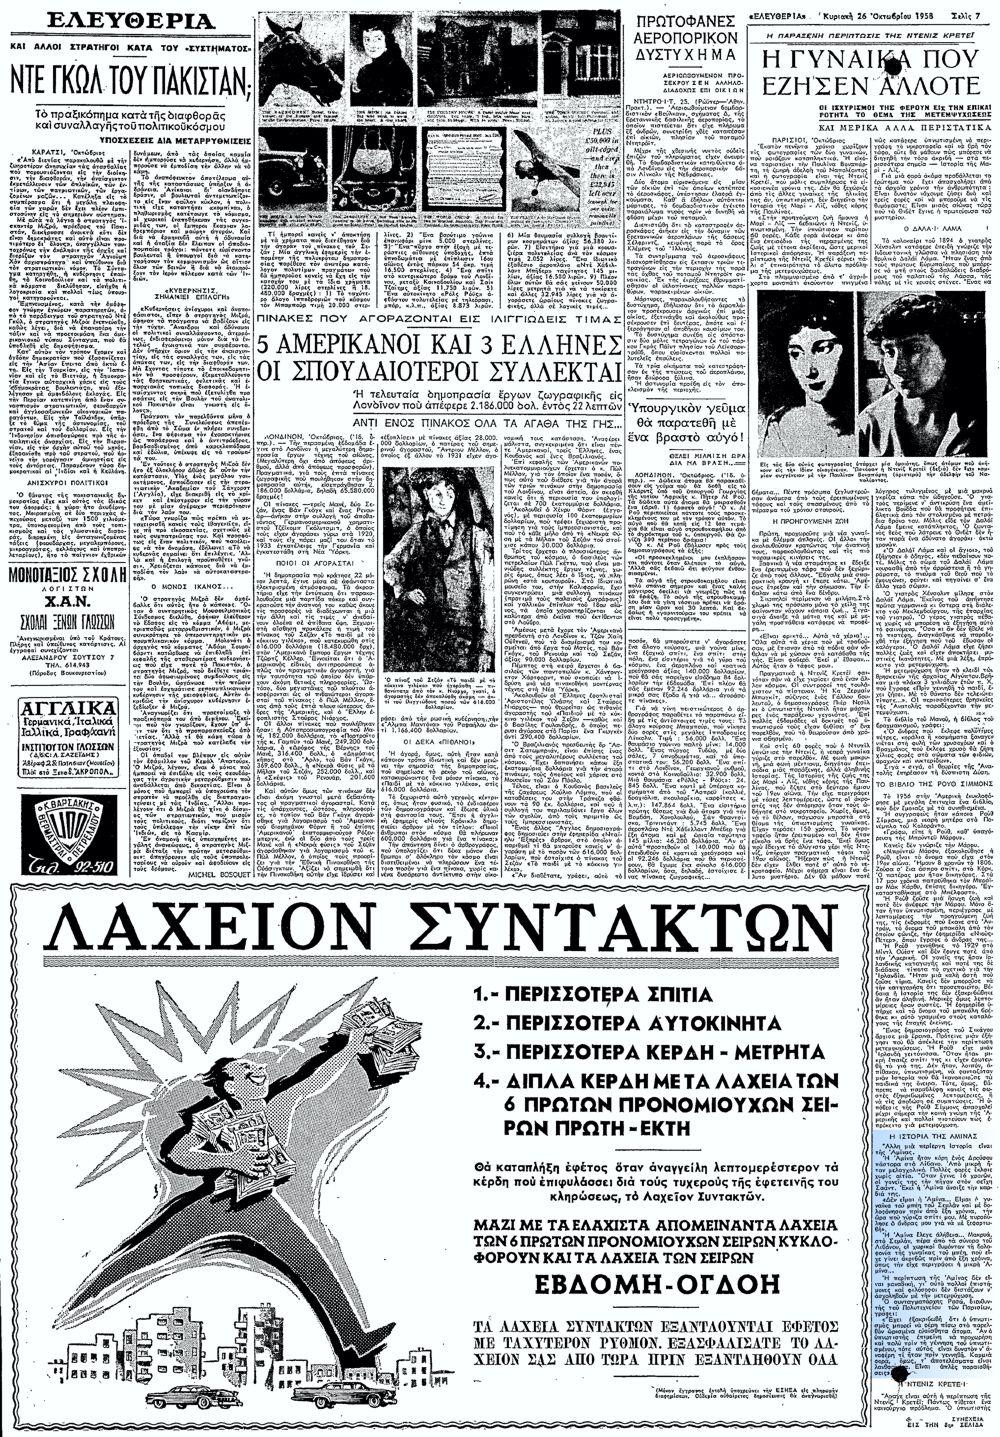 """Το άρθρο, όπως δημοσιεύθηκε στην εφημερίδα """"ΕΛΕΥΘΕΡΙΑ"""", στις 26/10/1958"""